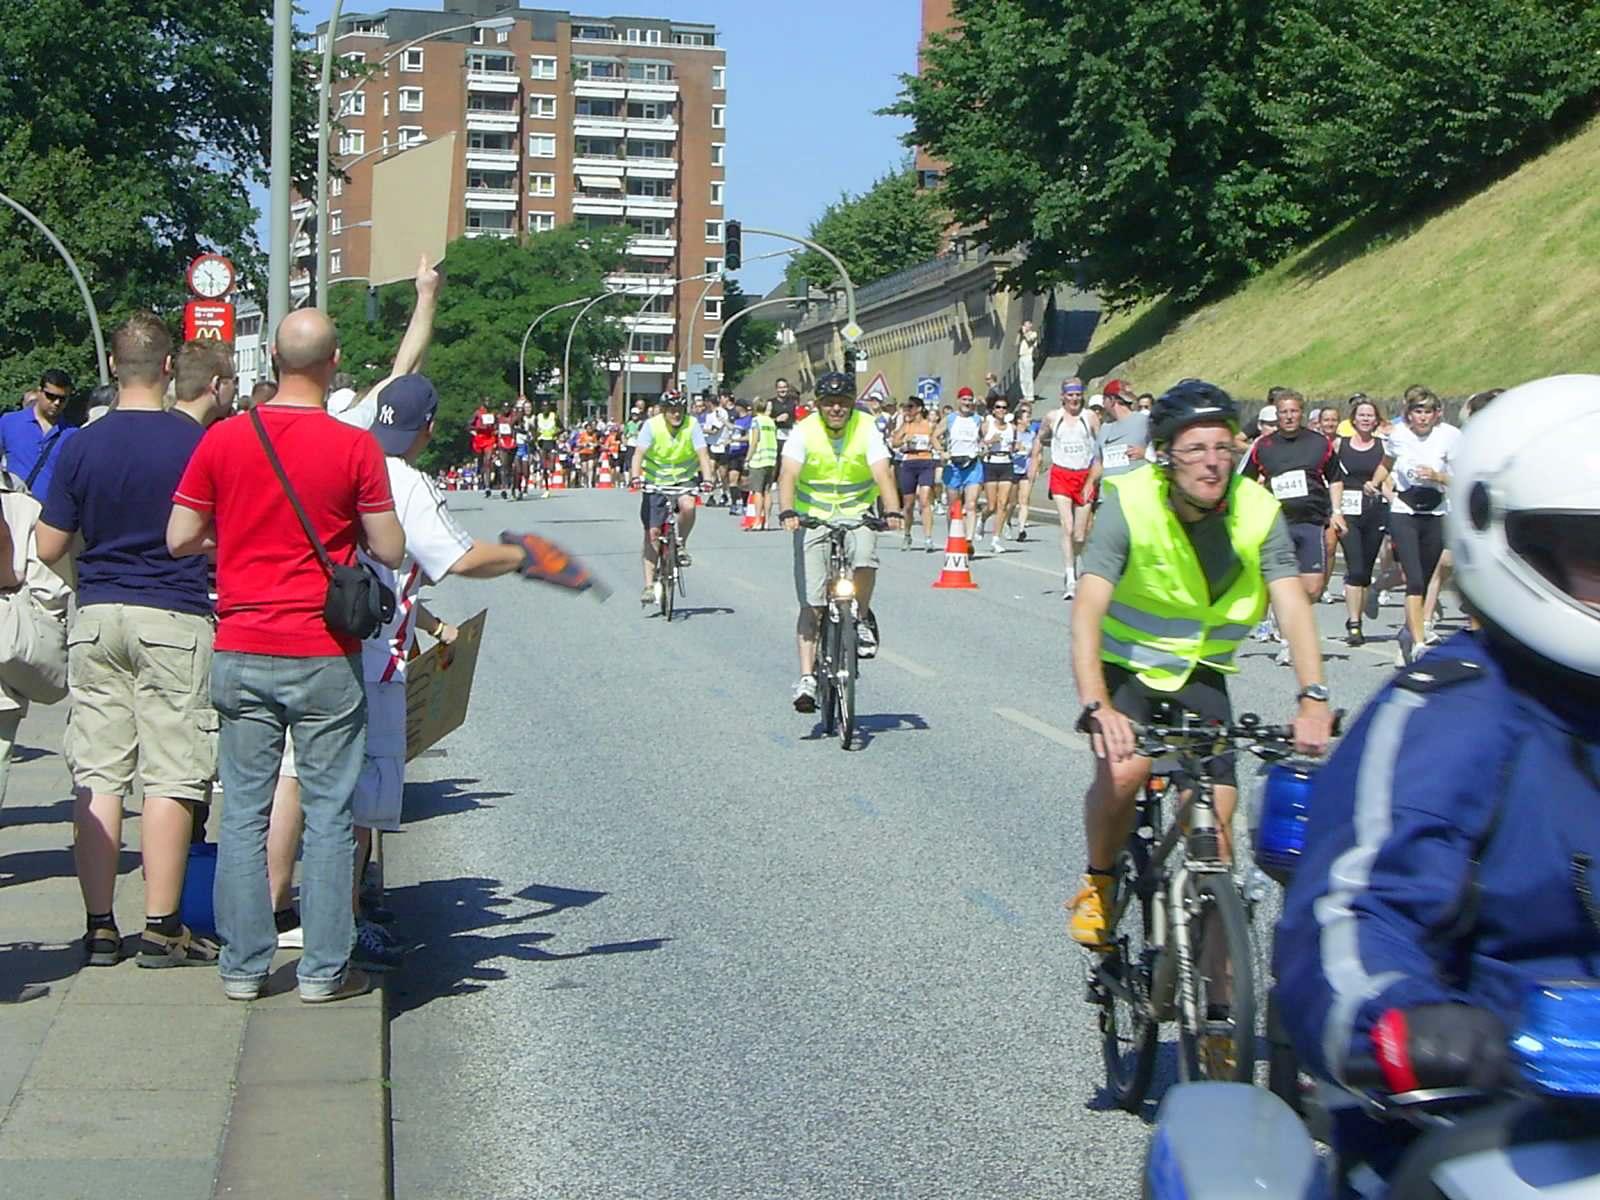 16. hella Halbmarathon 2010: Hinter dem Lautsprecherwagen kommen die Führungsfahrräder auf der Überholspur (links), kurz dahinter die Spitzenläufer. Rechts das breite Feld noch auf der 1. Runde...